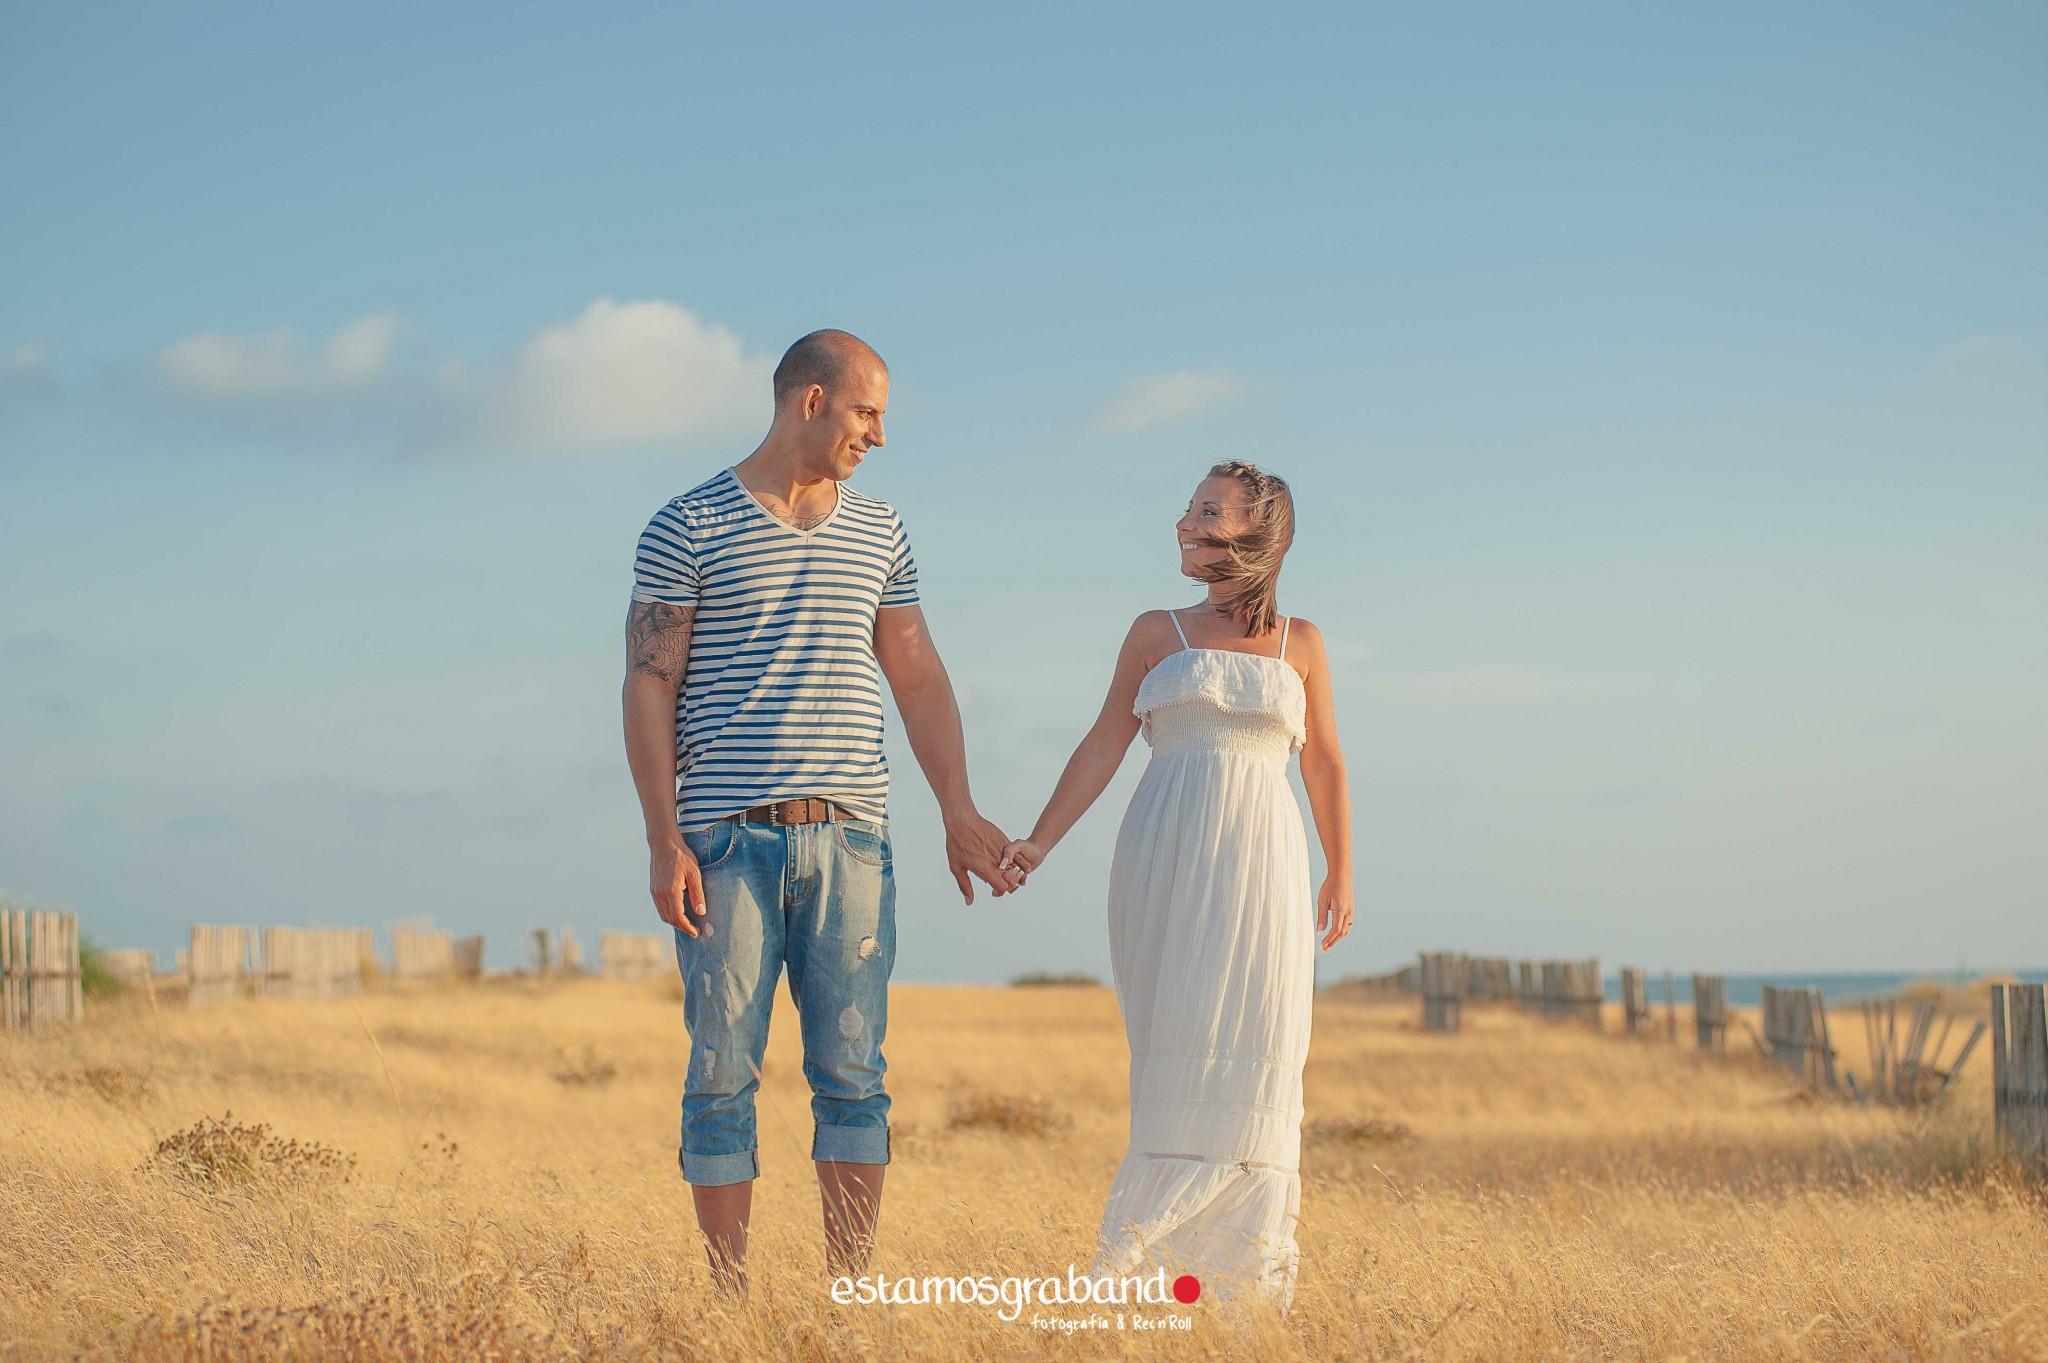 pareja-misteriosa_estamosgrabando-25 Sancti Petri y sus luces [Preboda Raquel & Ale] - video boda cadiz